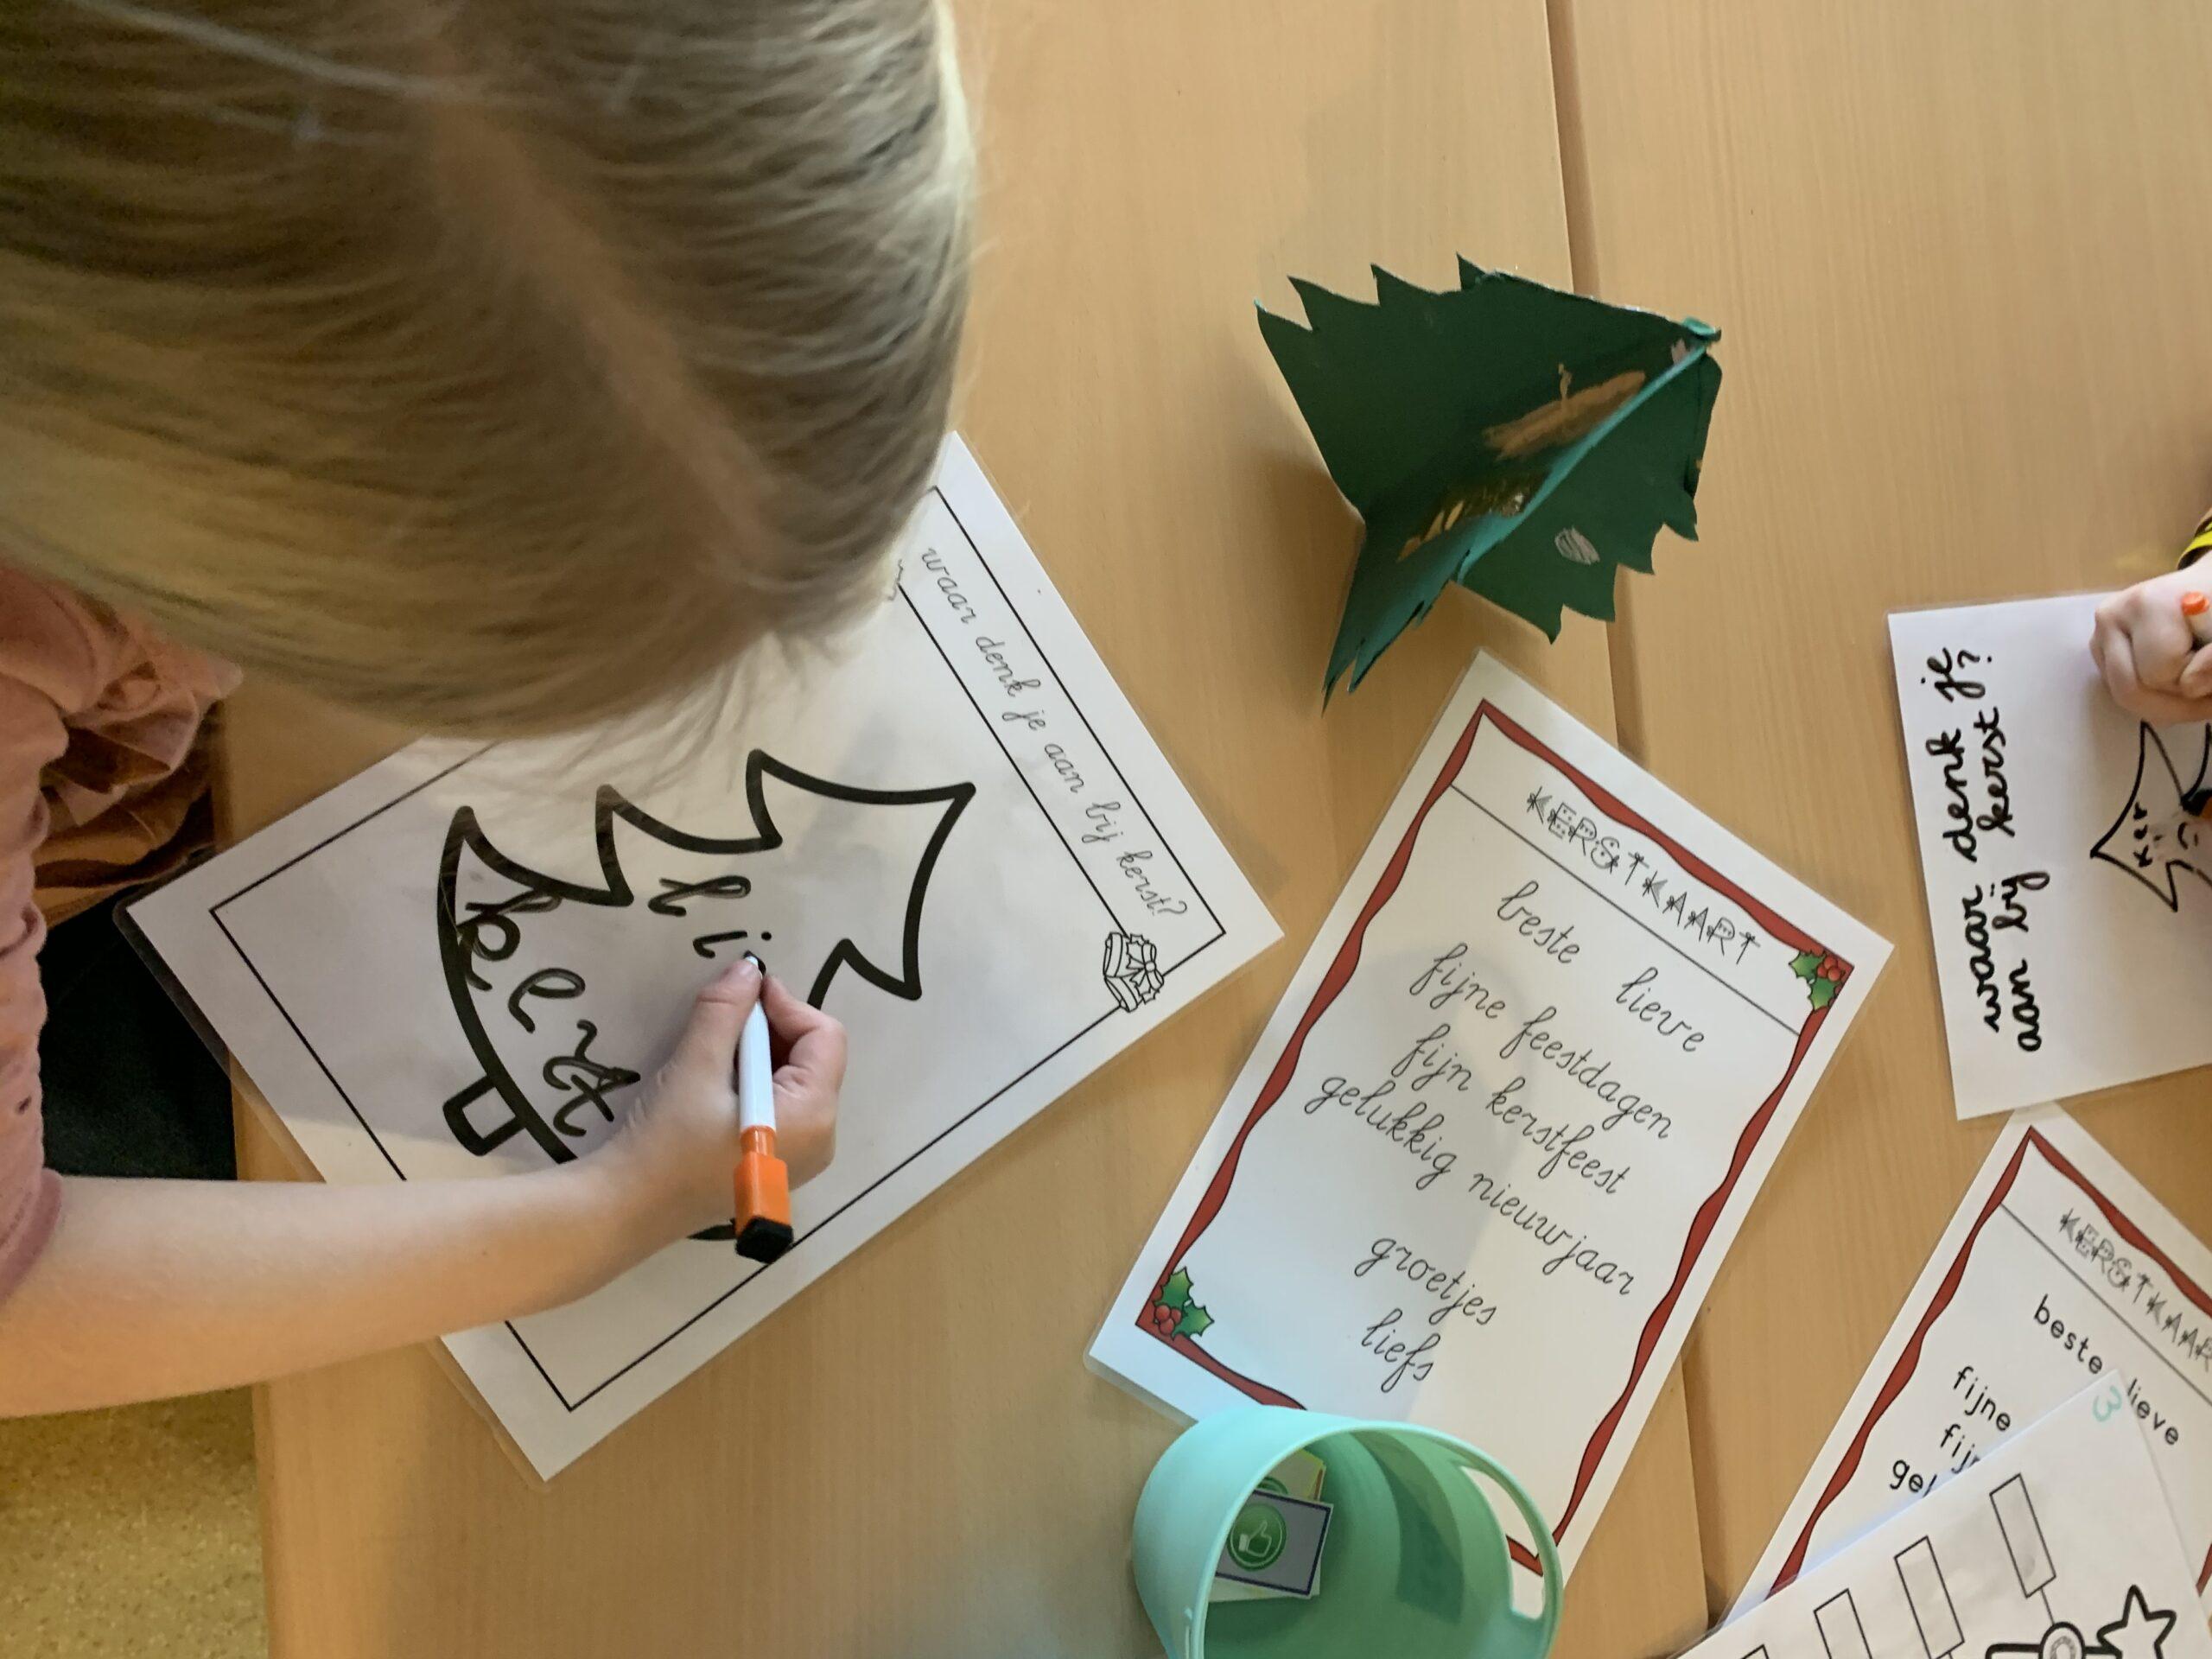 schrijven bundel klasvanjuflinda Kerst